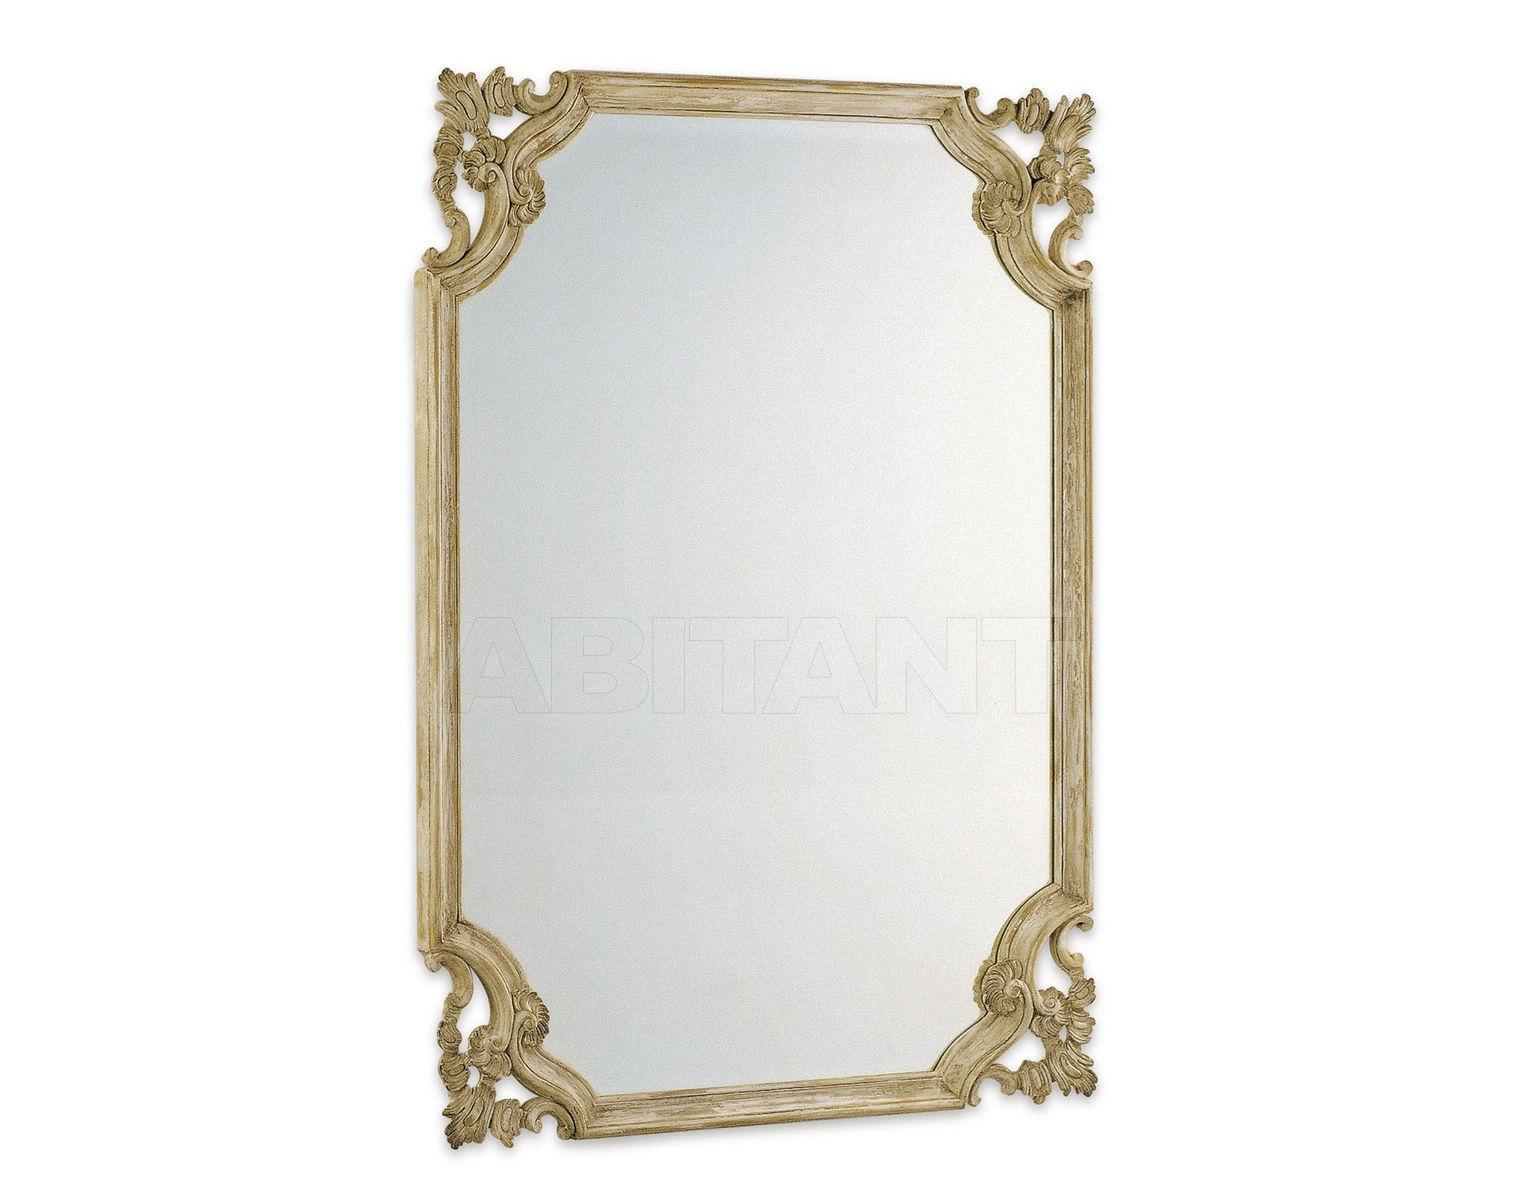 Купить Зеркало настенное Sissi Cantori Classic 1778.2100.F8